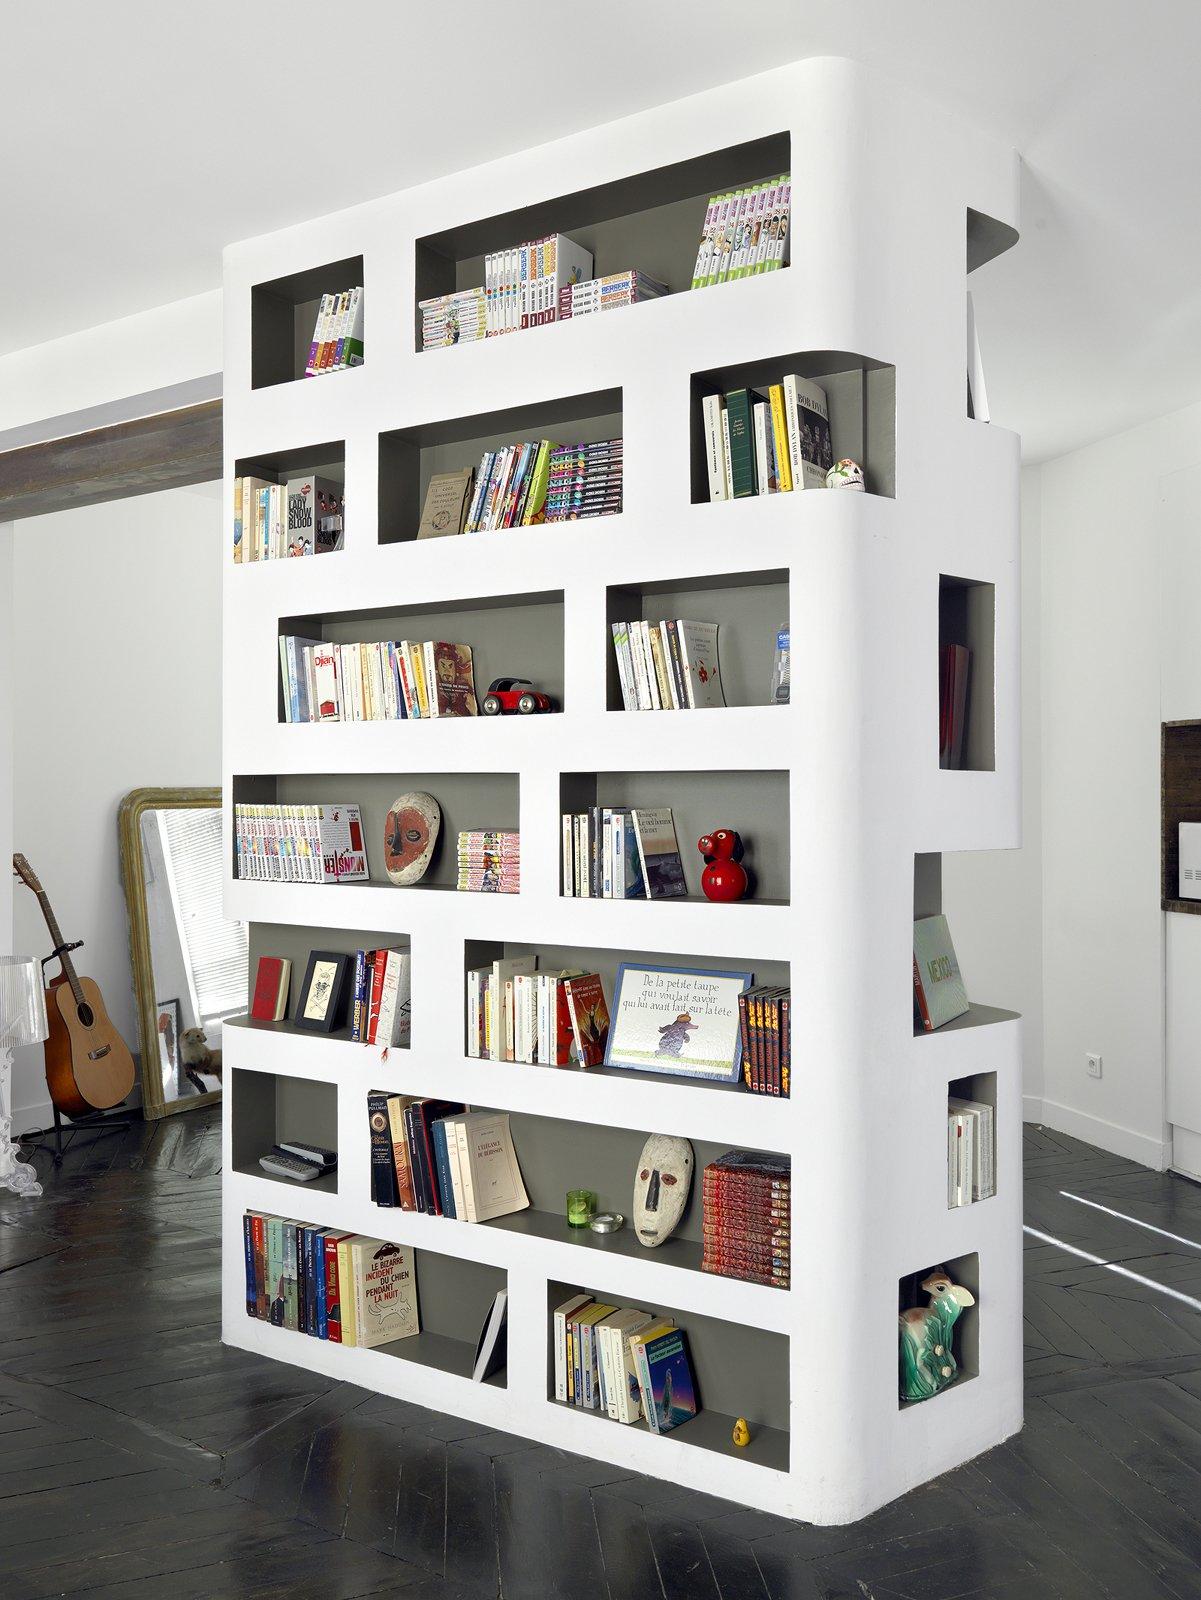 Storage by Dwell from Shelf Life